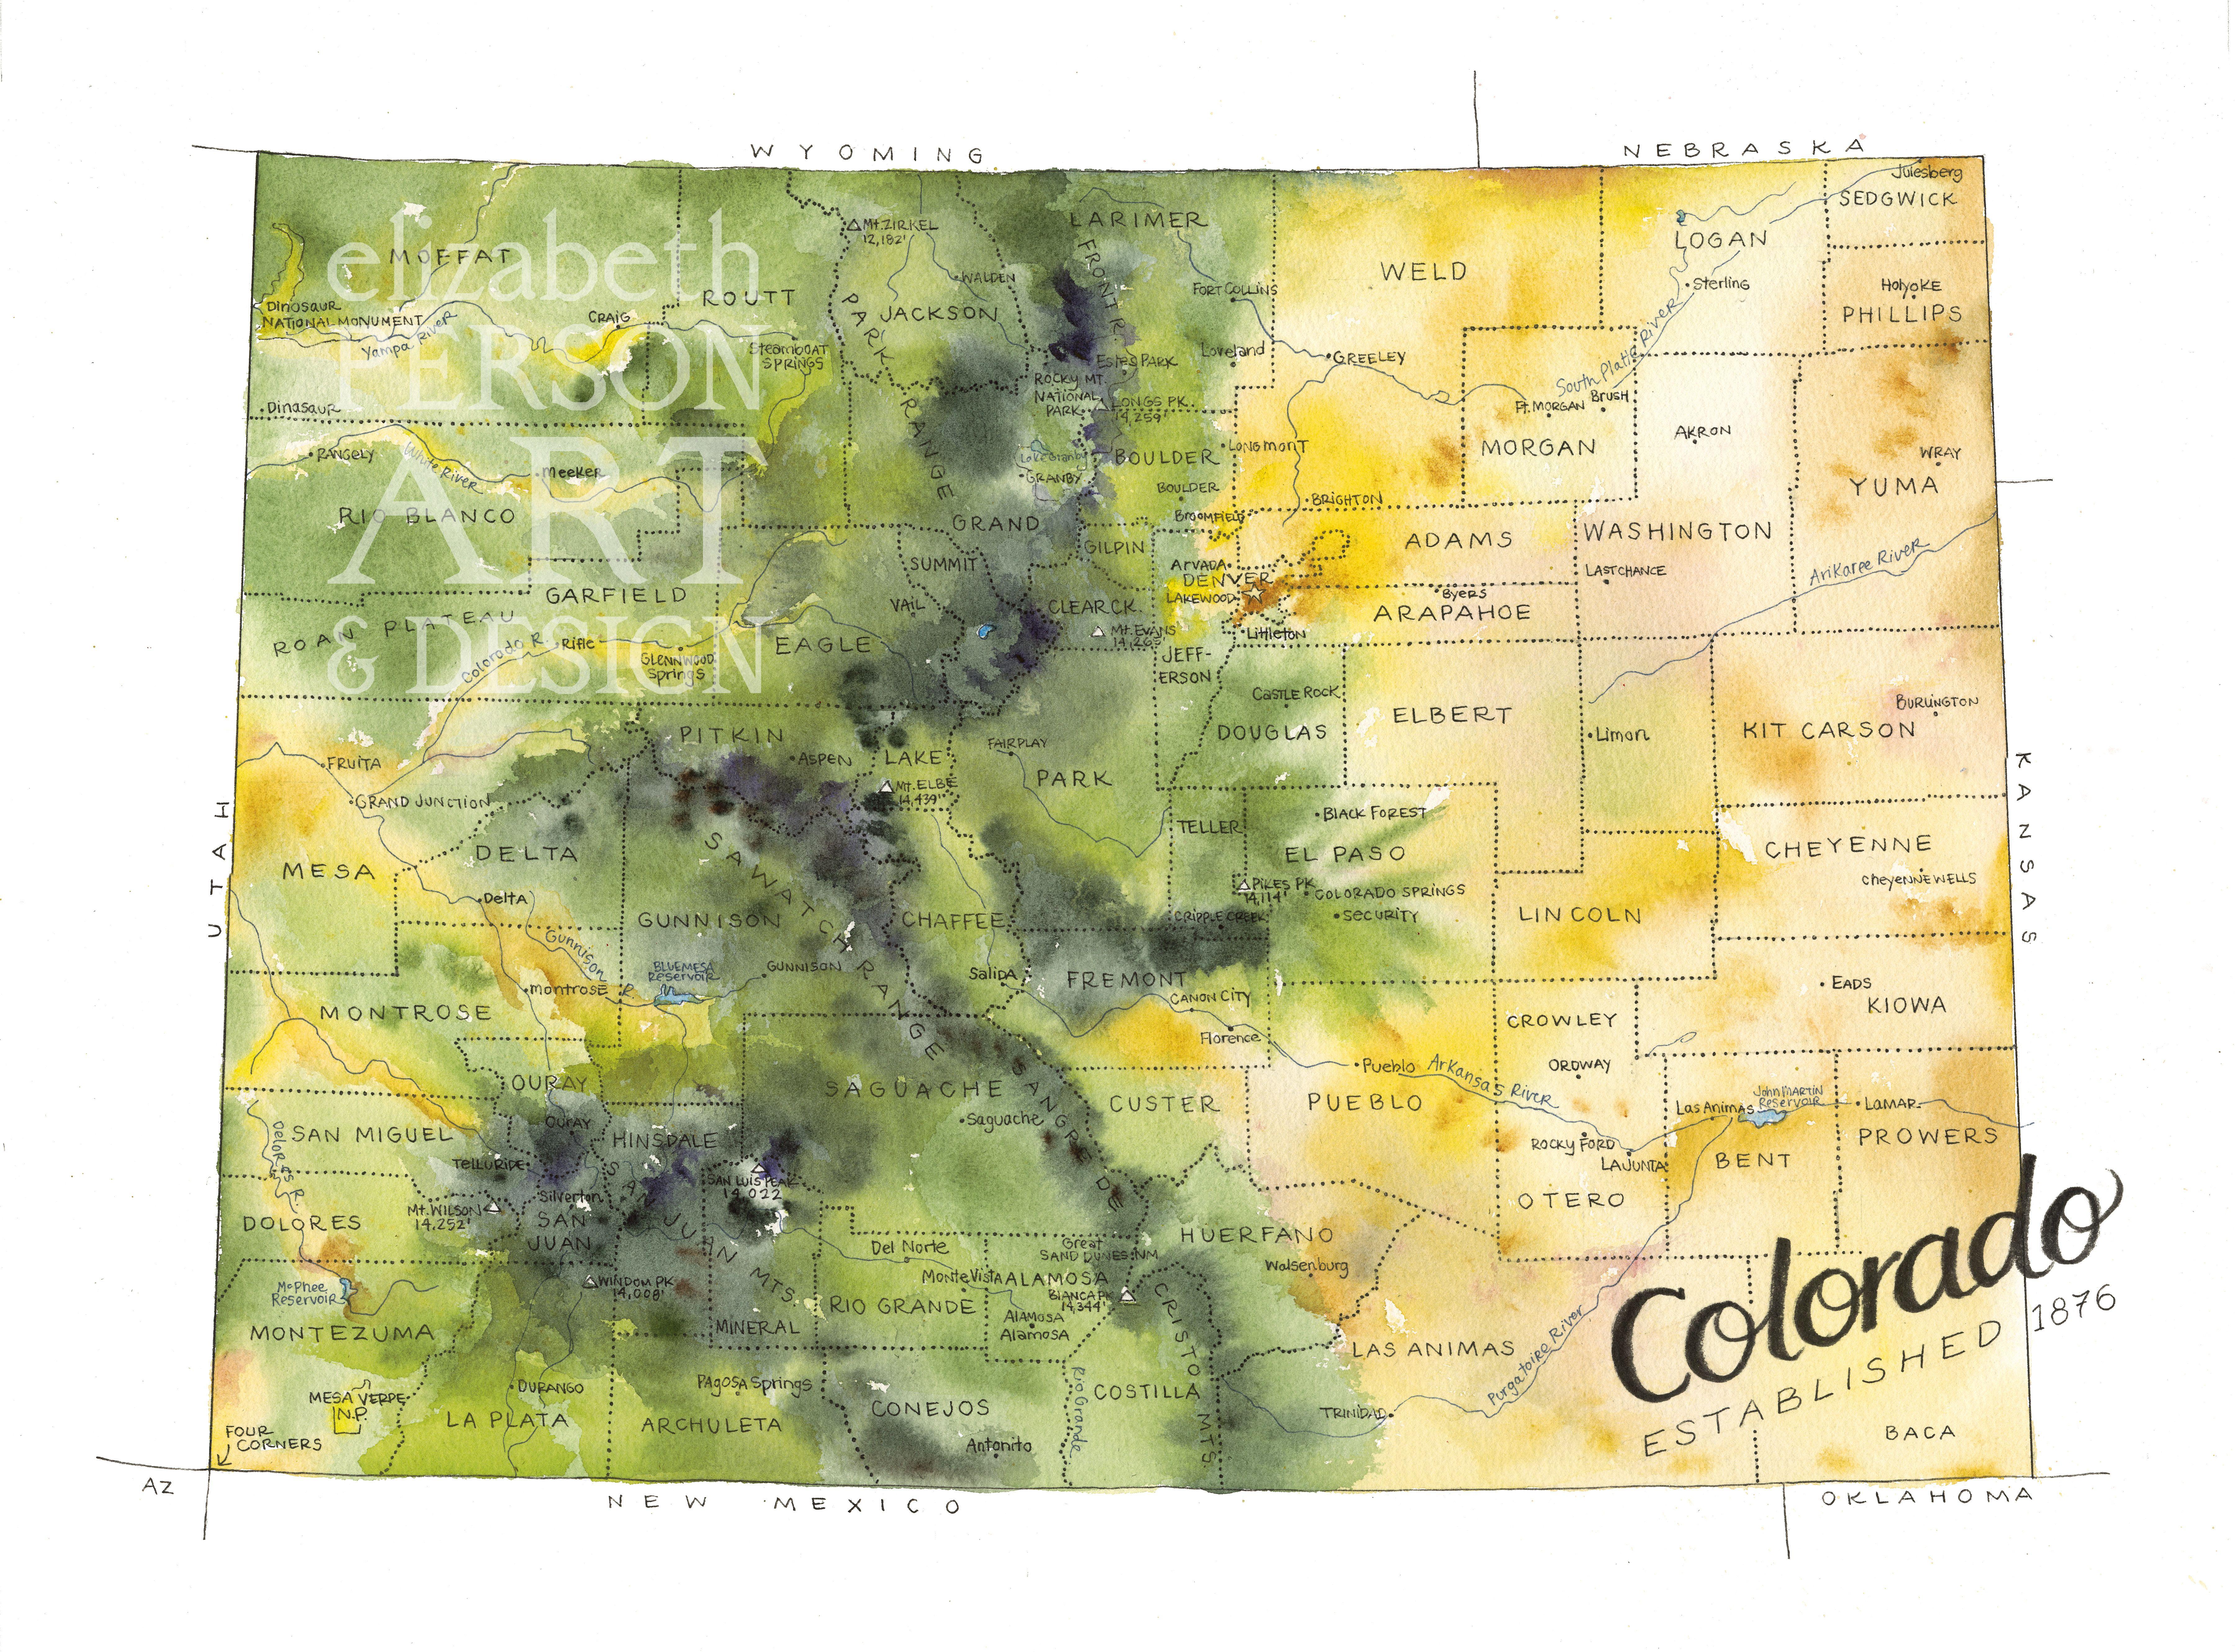 Colorado State Map by Elizabeth Person | Colorado map art, Denver ...